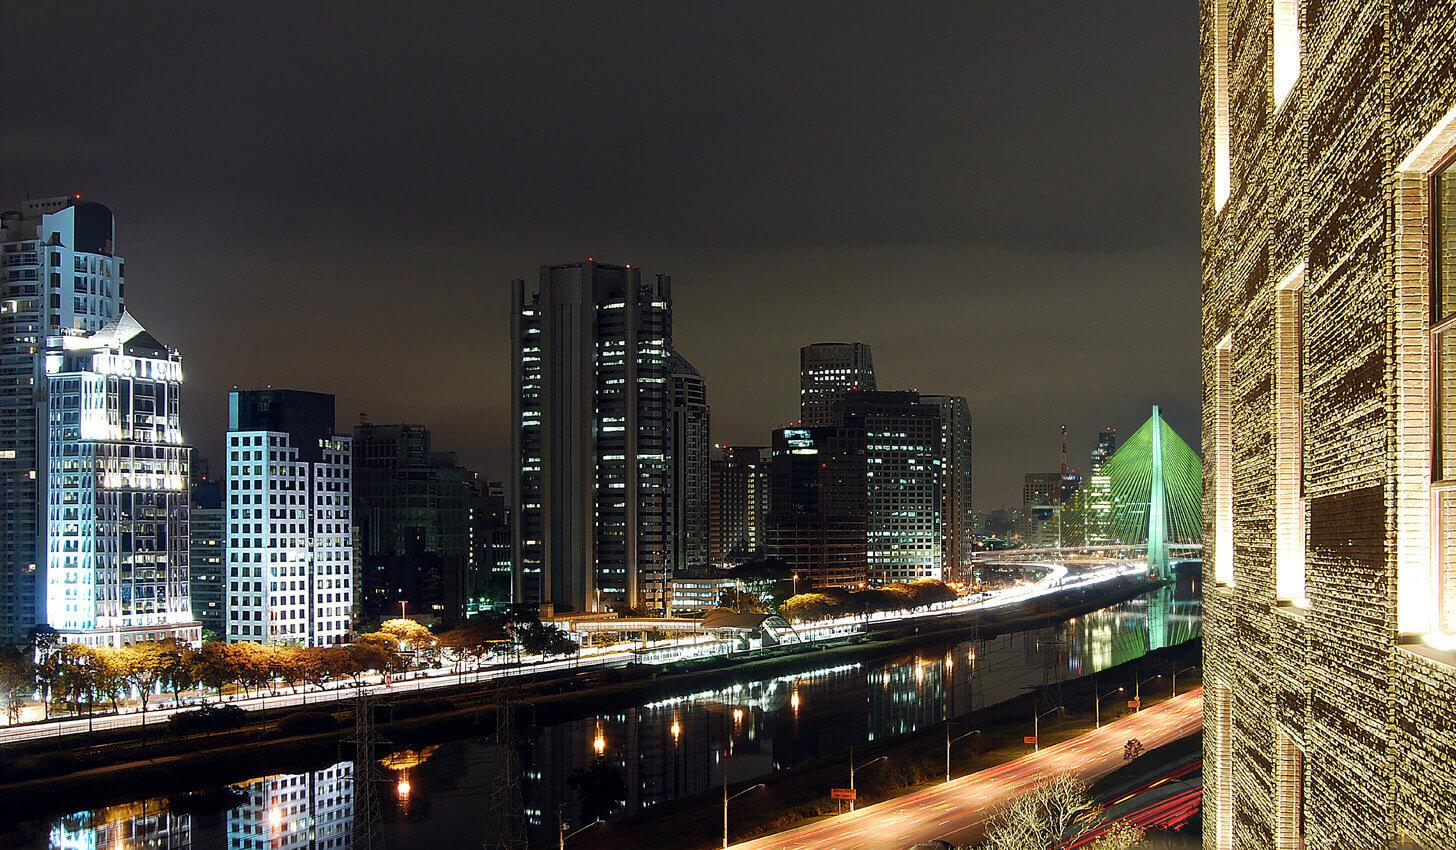 ponte-estaiada-noturno-carlos-alkmin-1.jpg